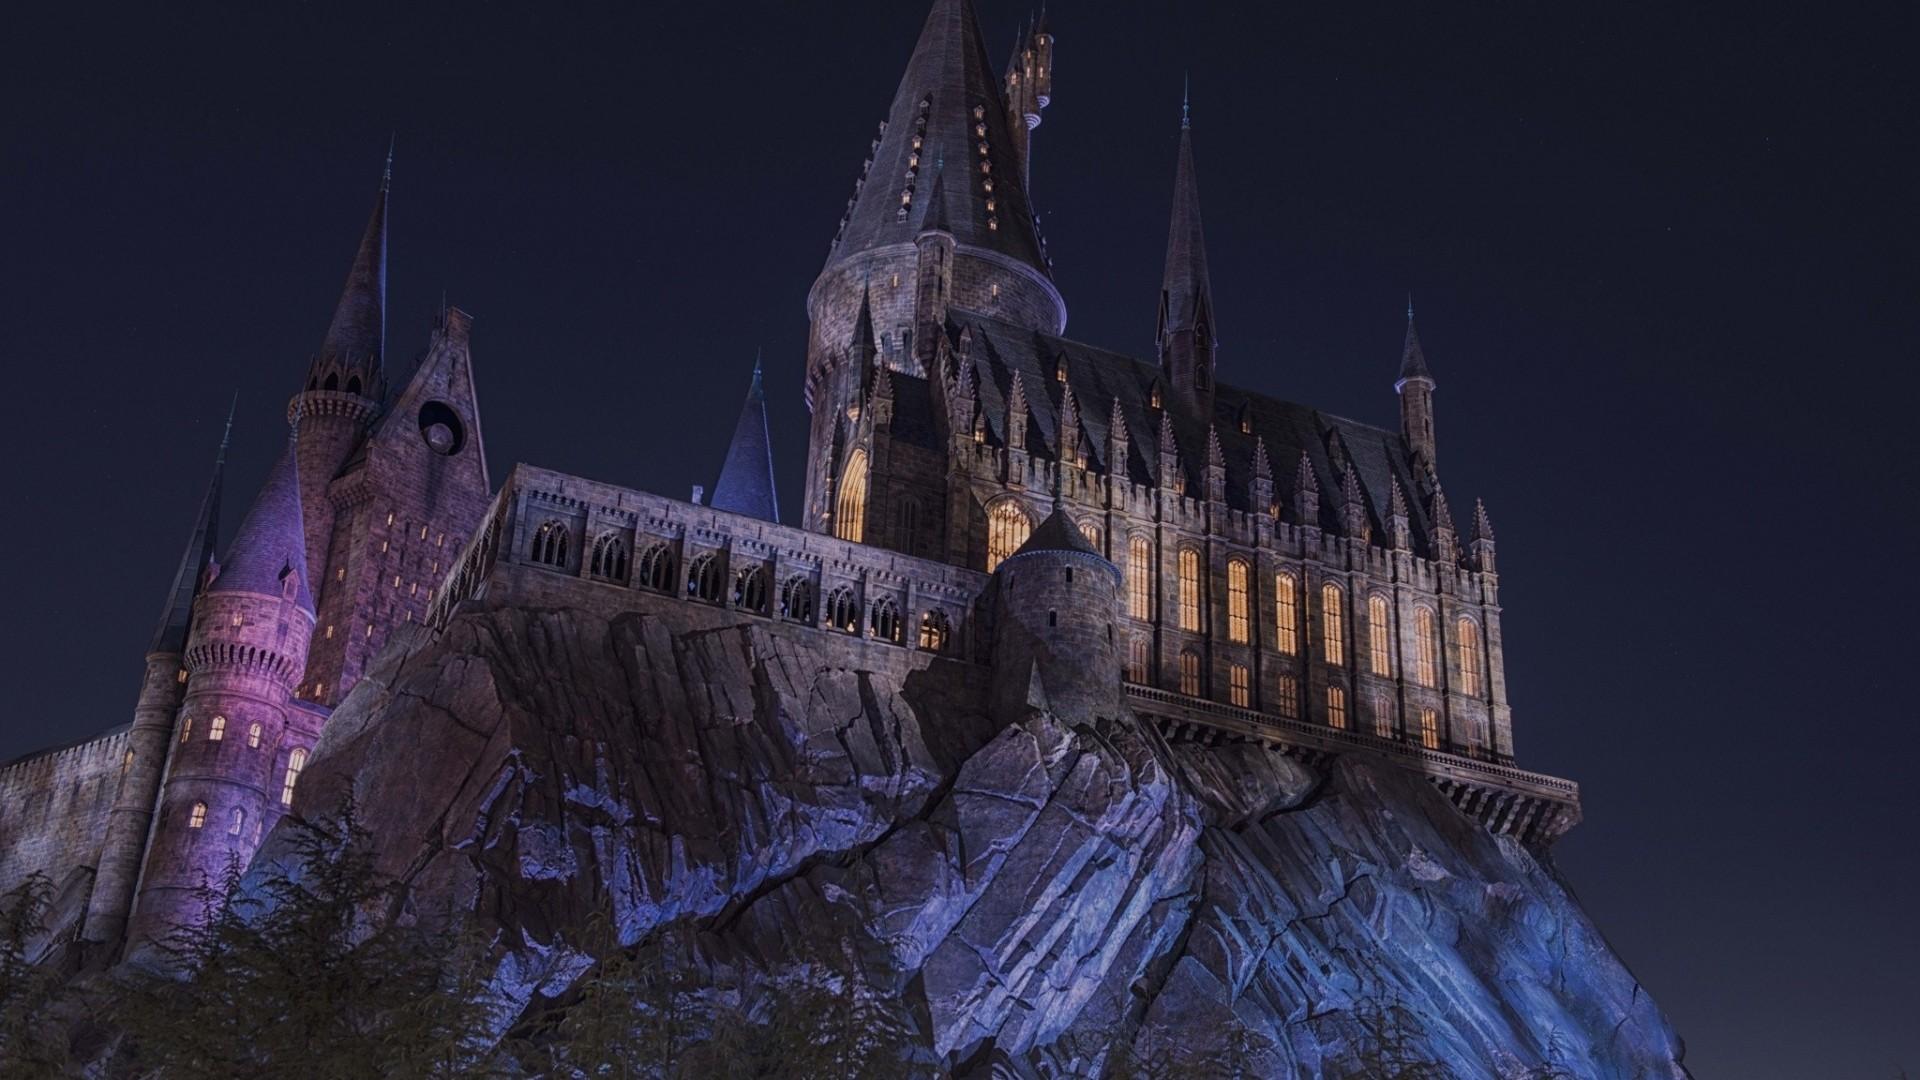 HD Hogwarts Castle Background Amazing Images Background Photos 1920x1080